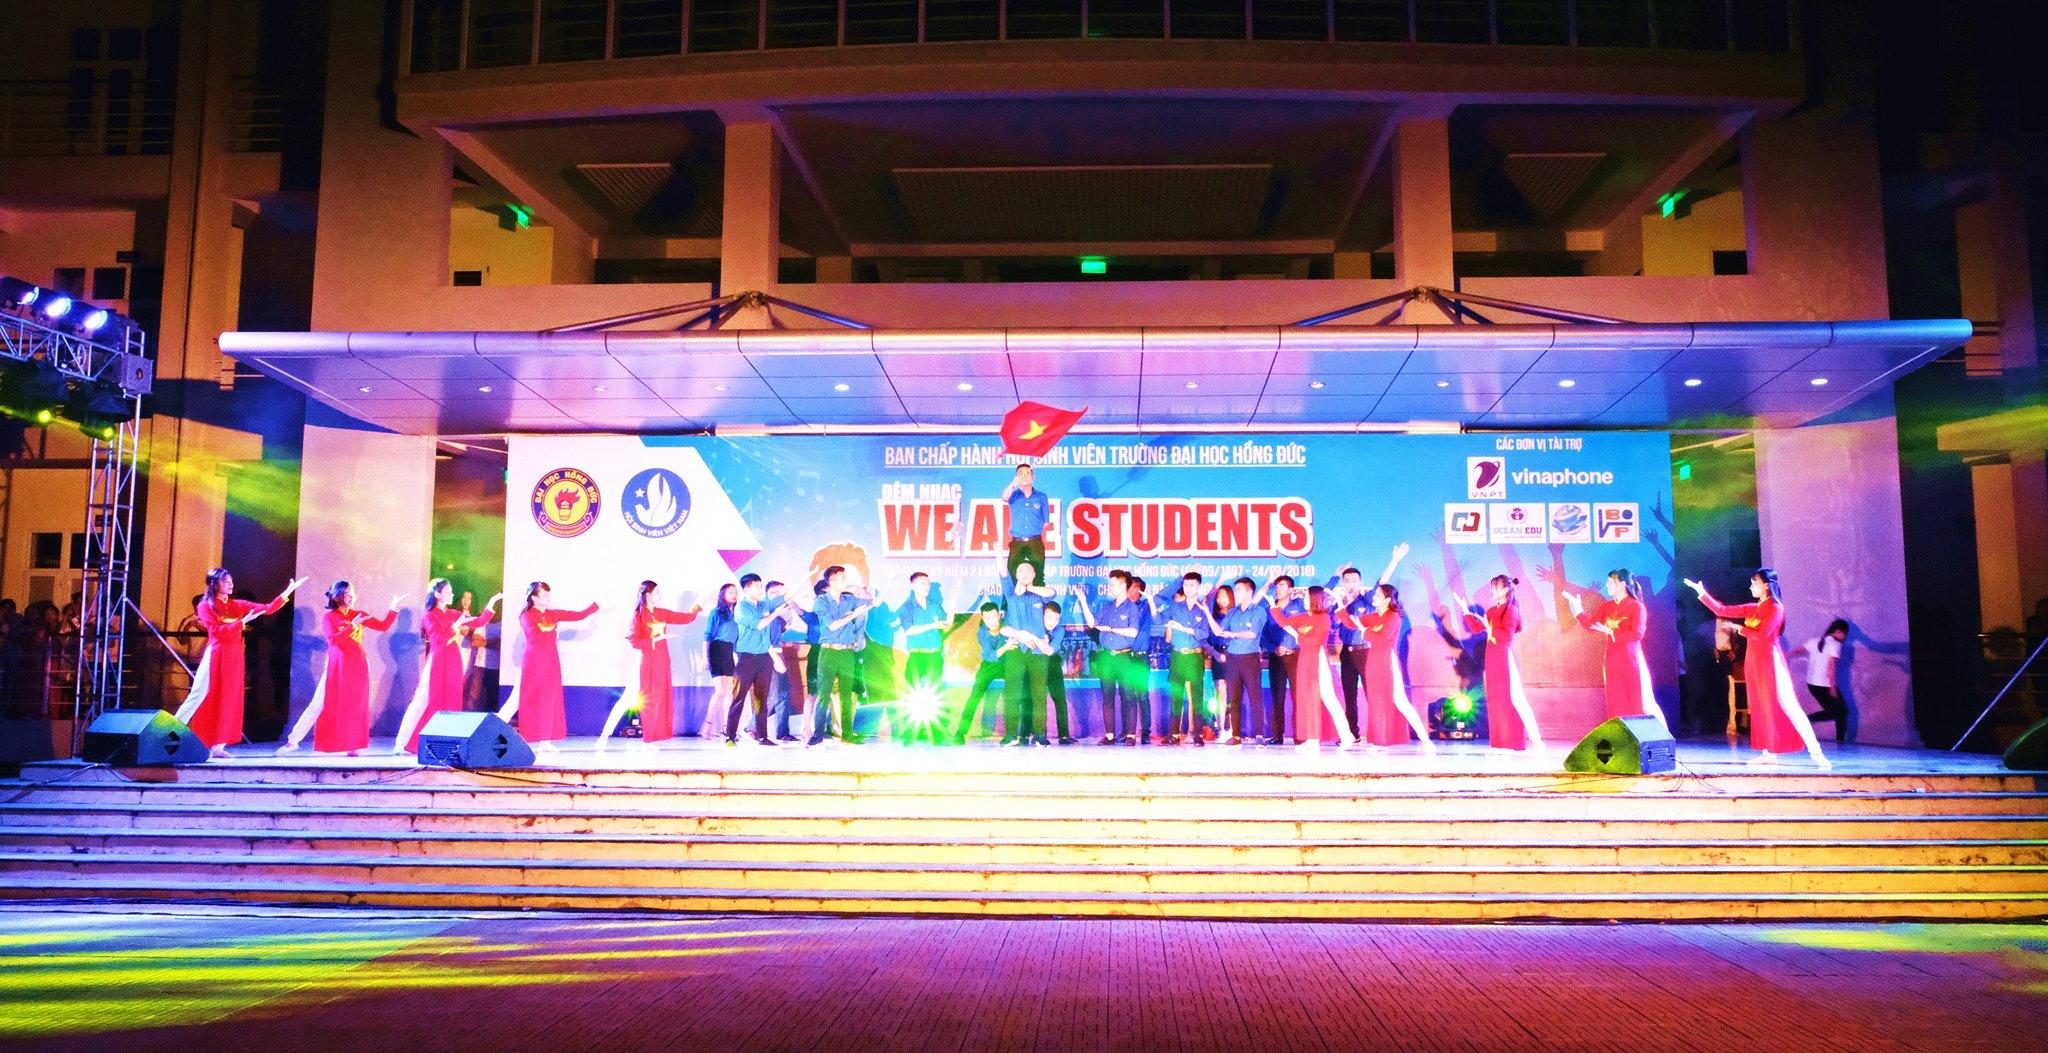 """Đêm nhạc """"We are students"""" chào đón tân sinh viên,  chào mừng năm học 2018 – 2019"""